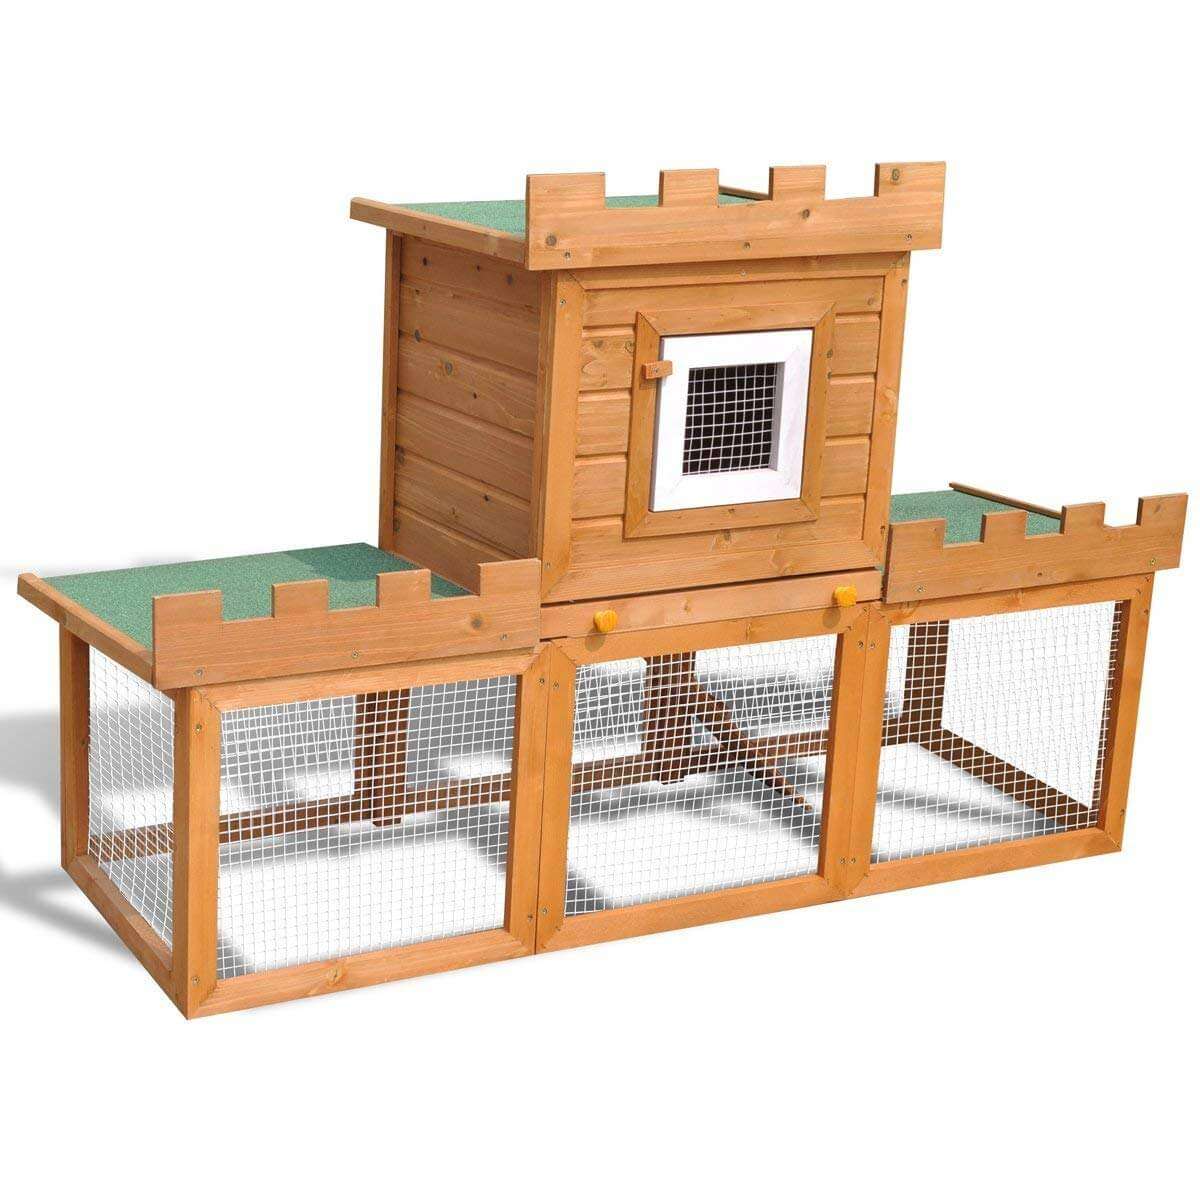 vidaXL Kaninchenstall Hasenstall Käfig Kaninchenkäfig Hamsterstall Hasenschloss